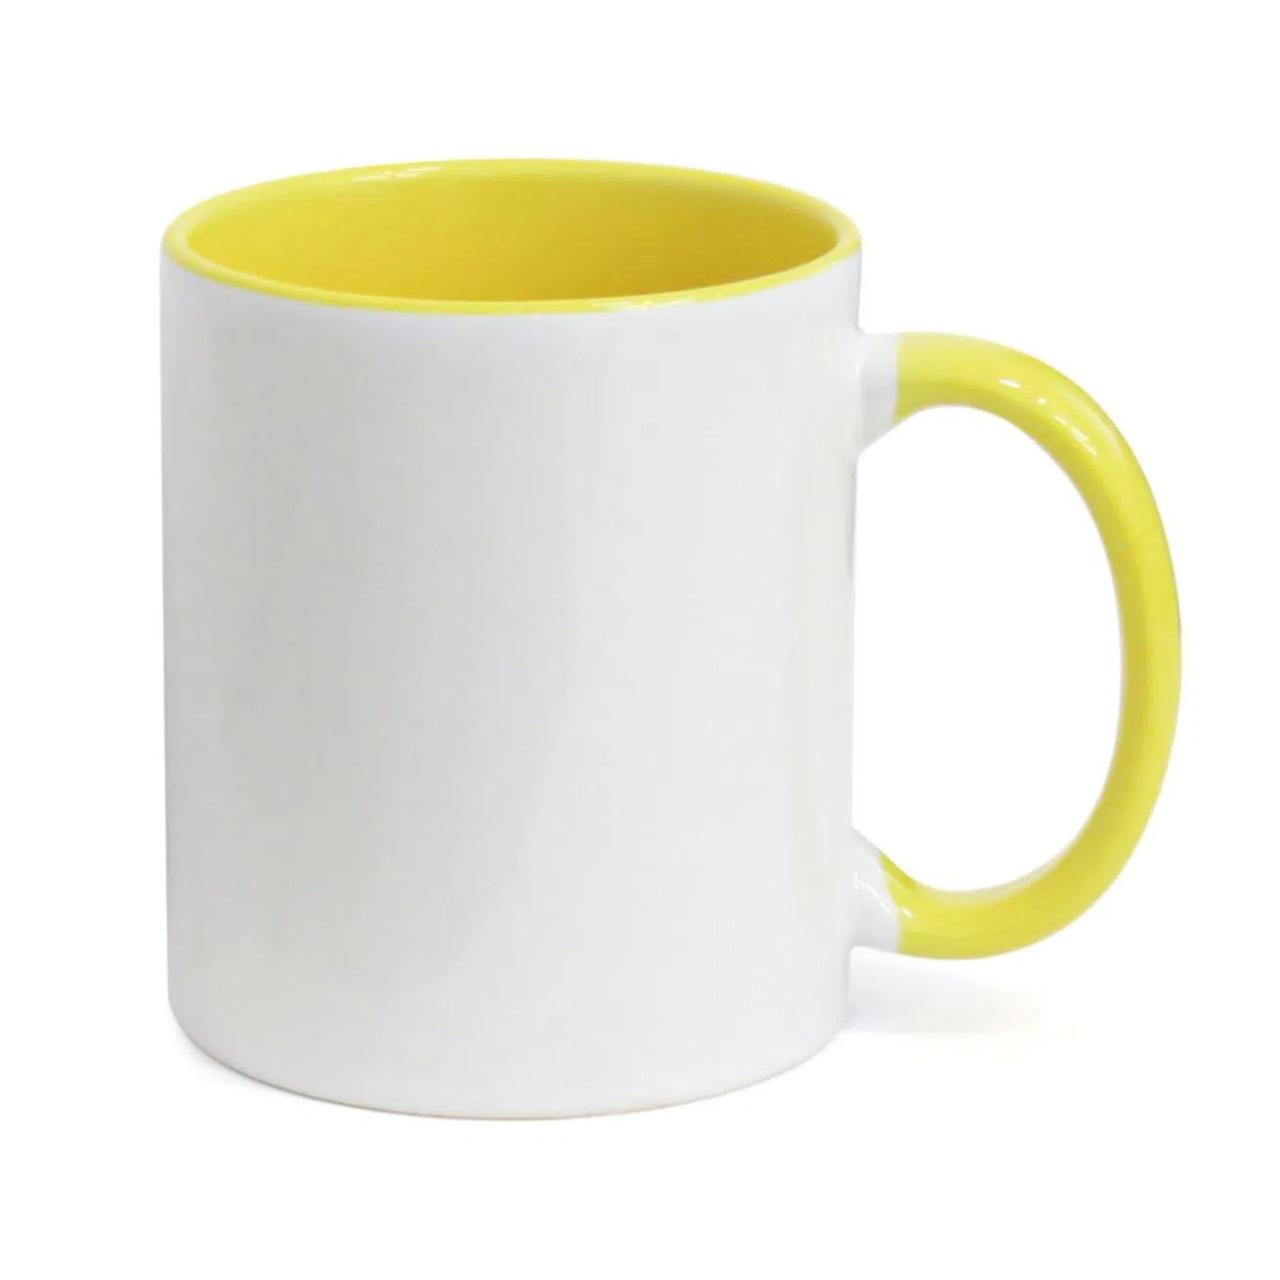 12 Canecas com Interior E Alça Amarela Colorida Porcelana Sublimação 325ml